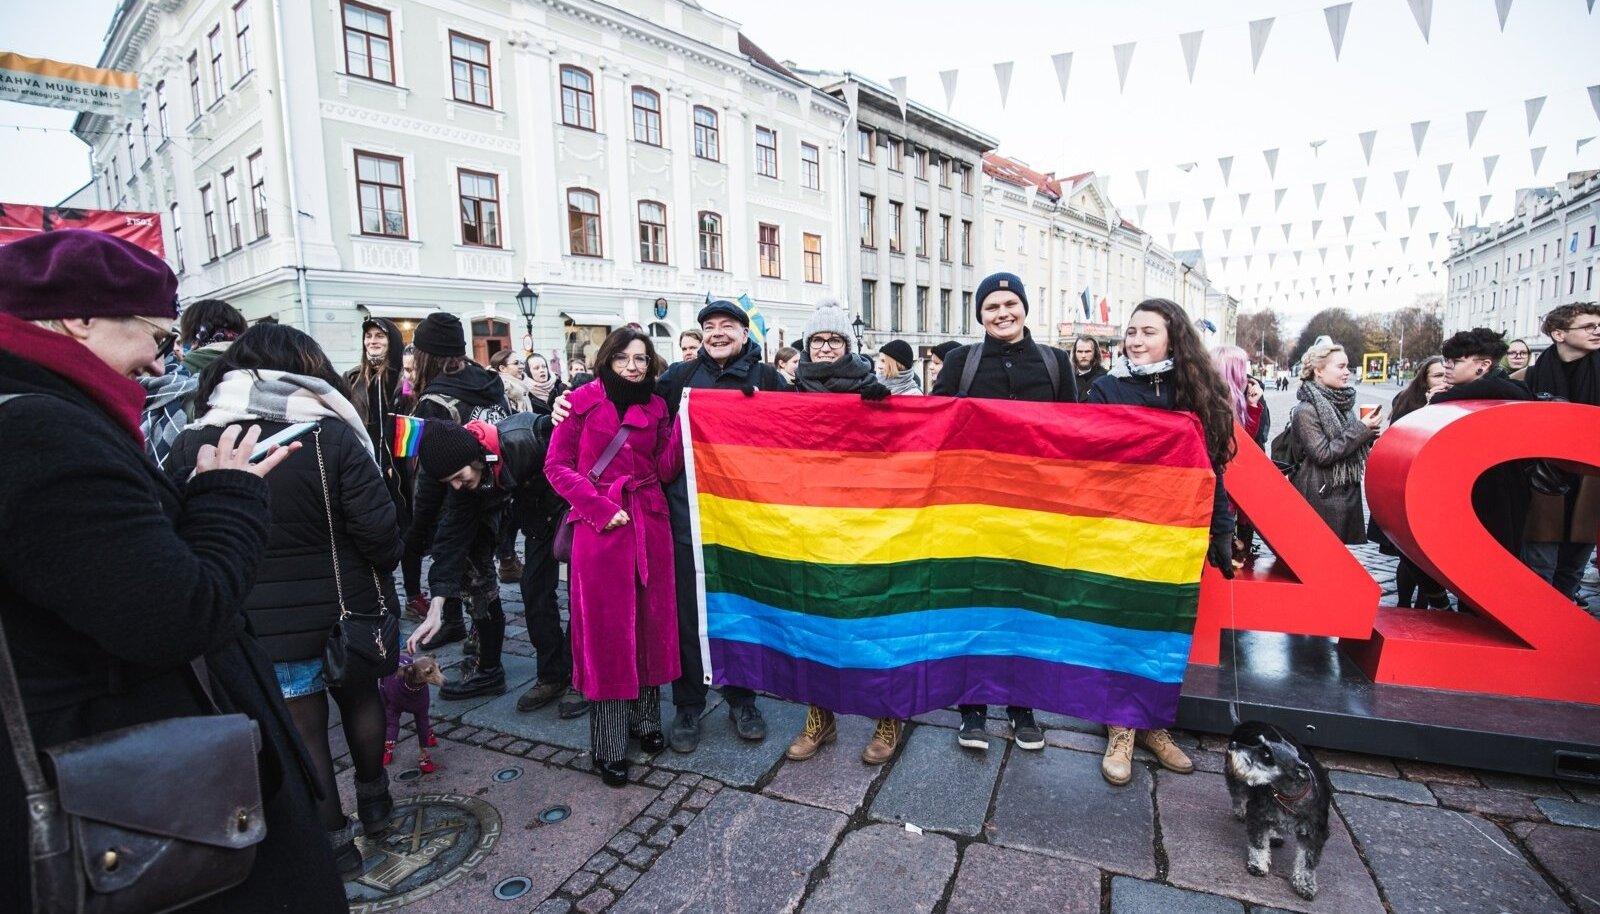 Novembri alguses korraldasid EKRE liikmed meeleavalduse, millele vastati seksuaalvähemuste toetamist näitava meeleavaldusega.